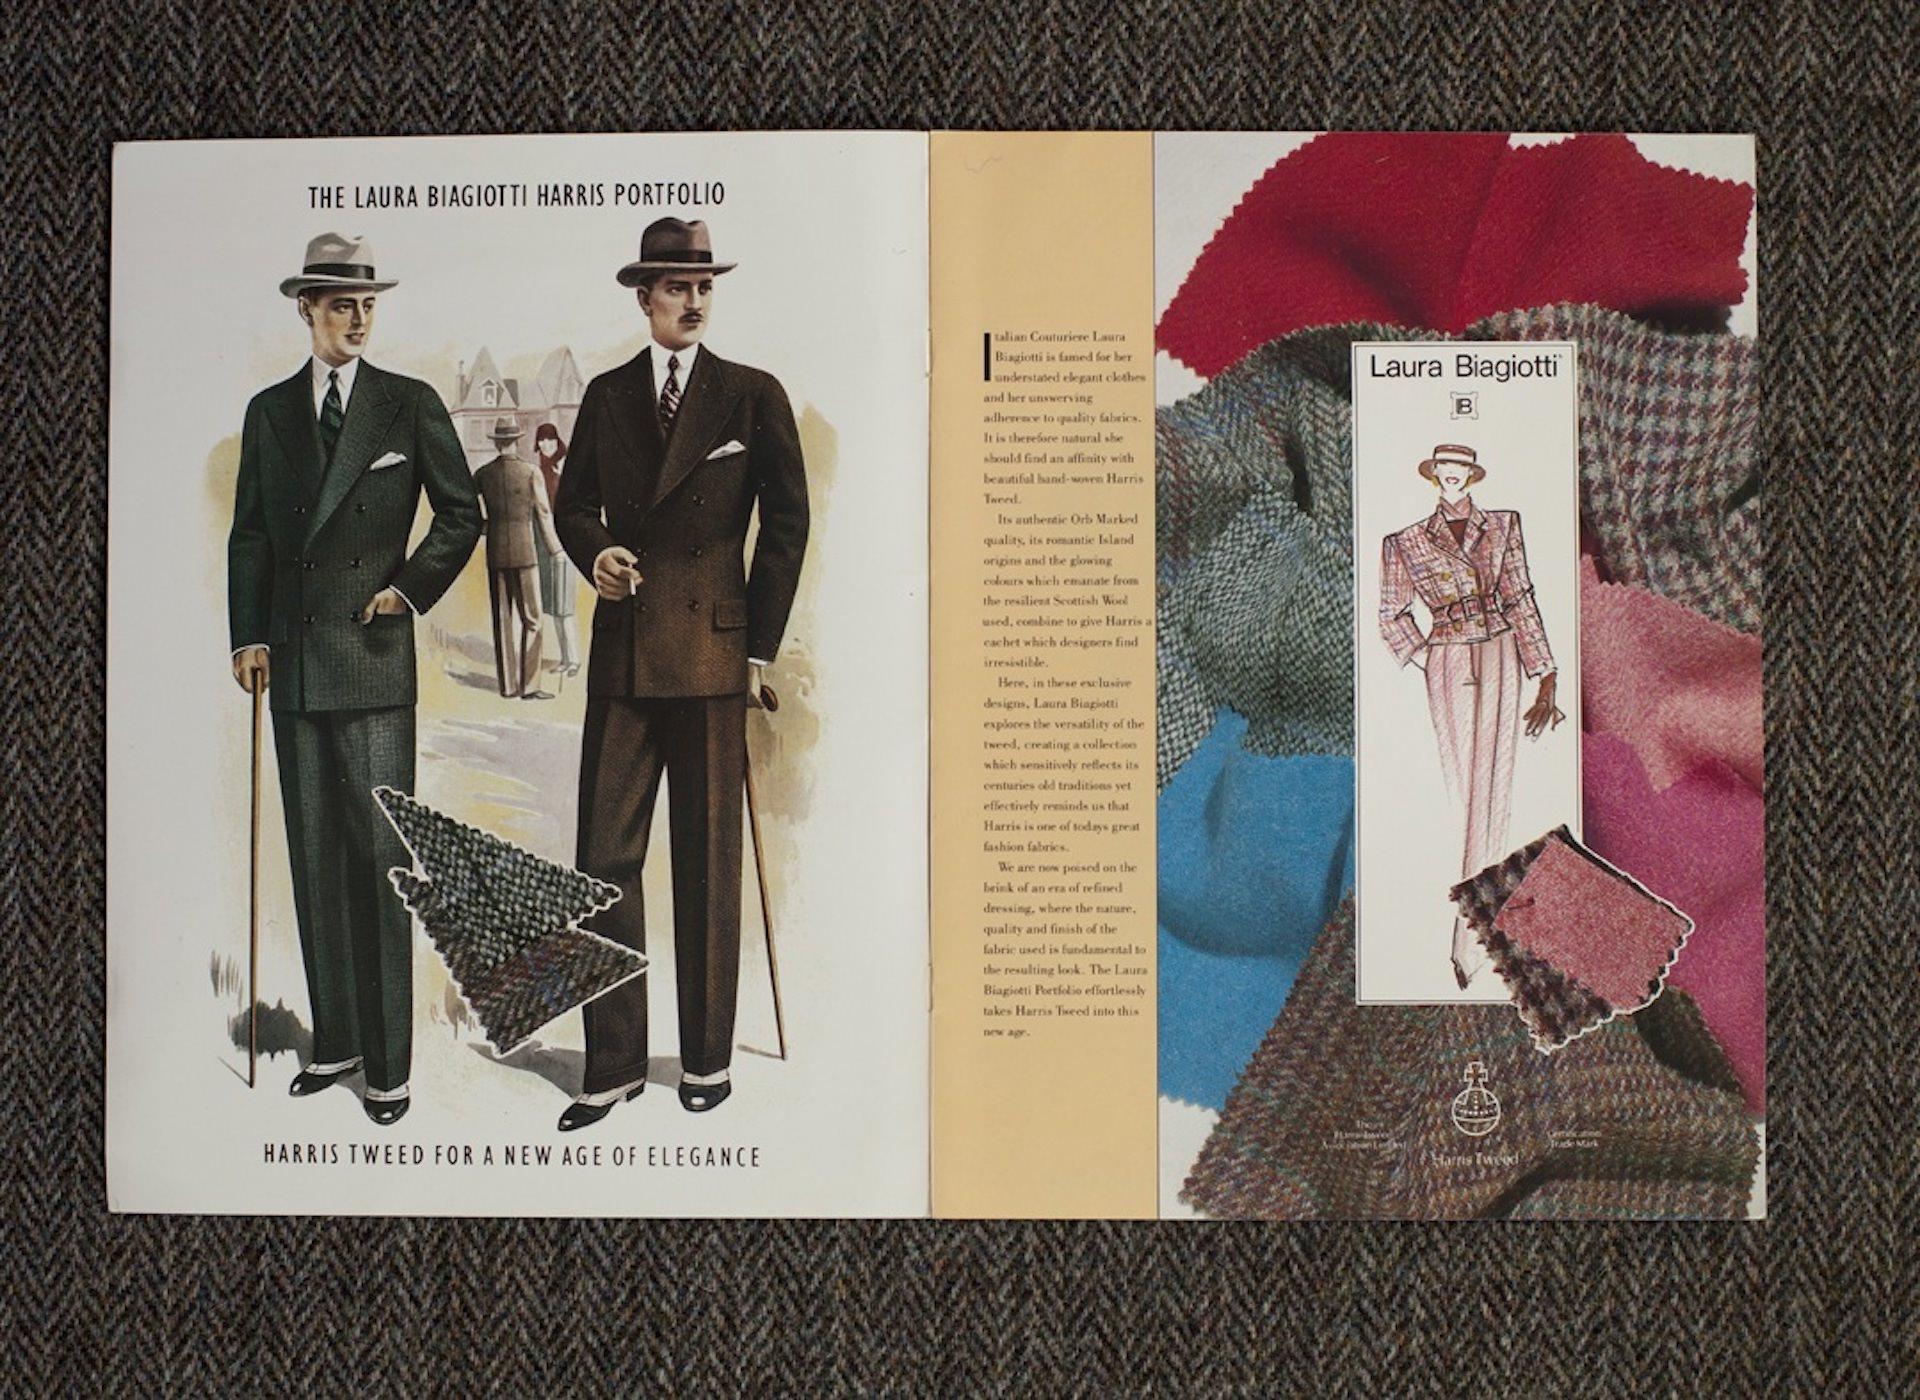 harris-tweed-authority-vintage-new-age-of-elegance